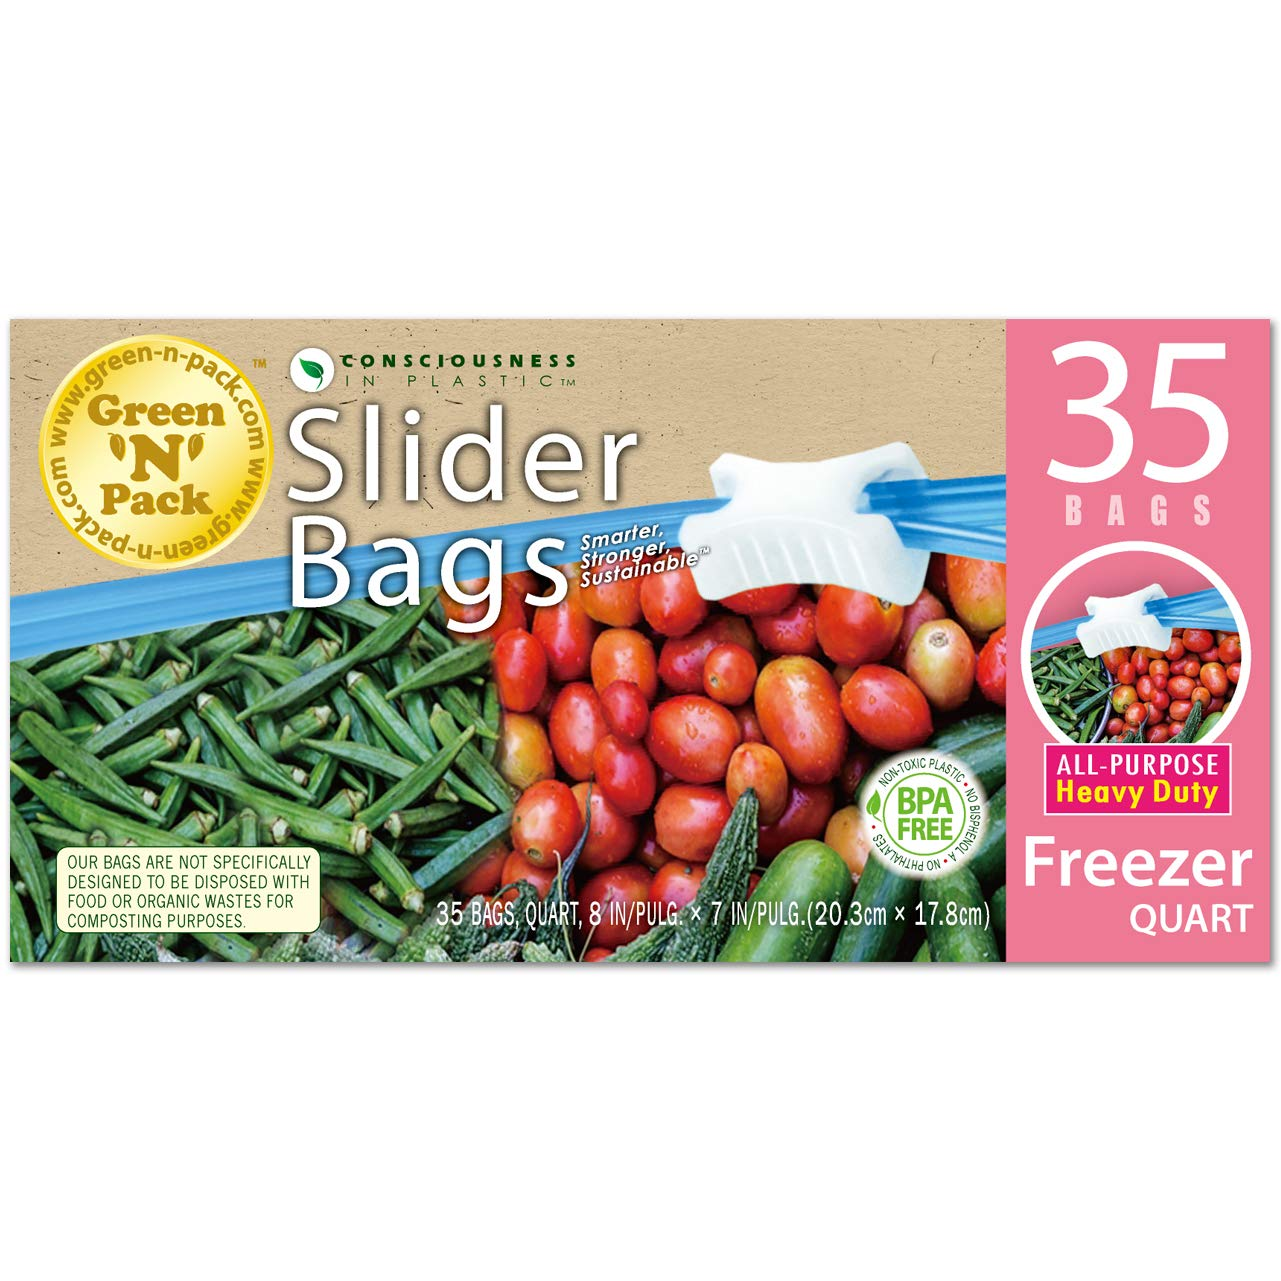 Green N Pack Premium Freezer Slider Bags (BPA Free), Quart, 35 Count Green-n-Pack 006108